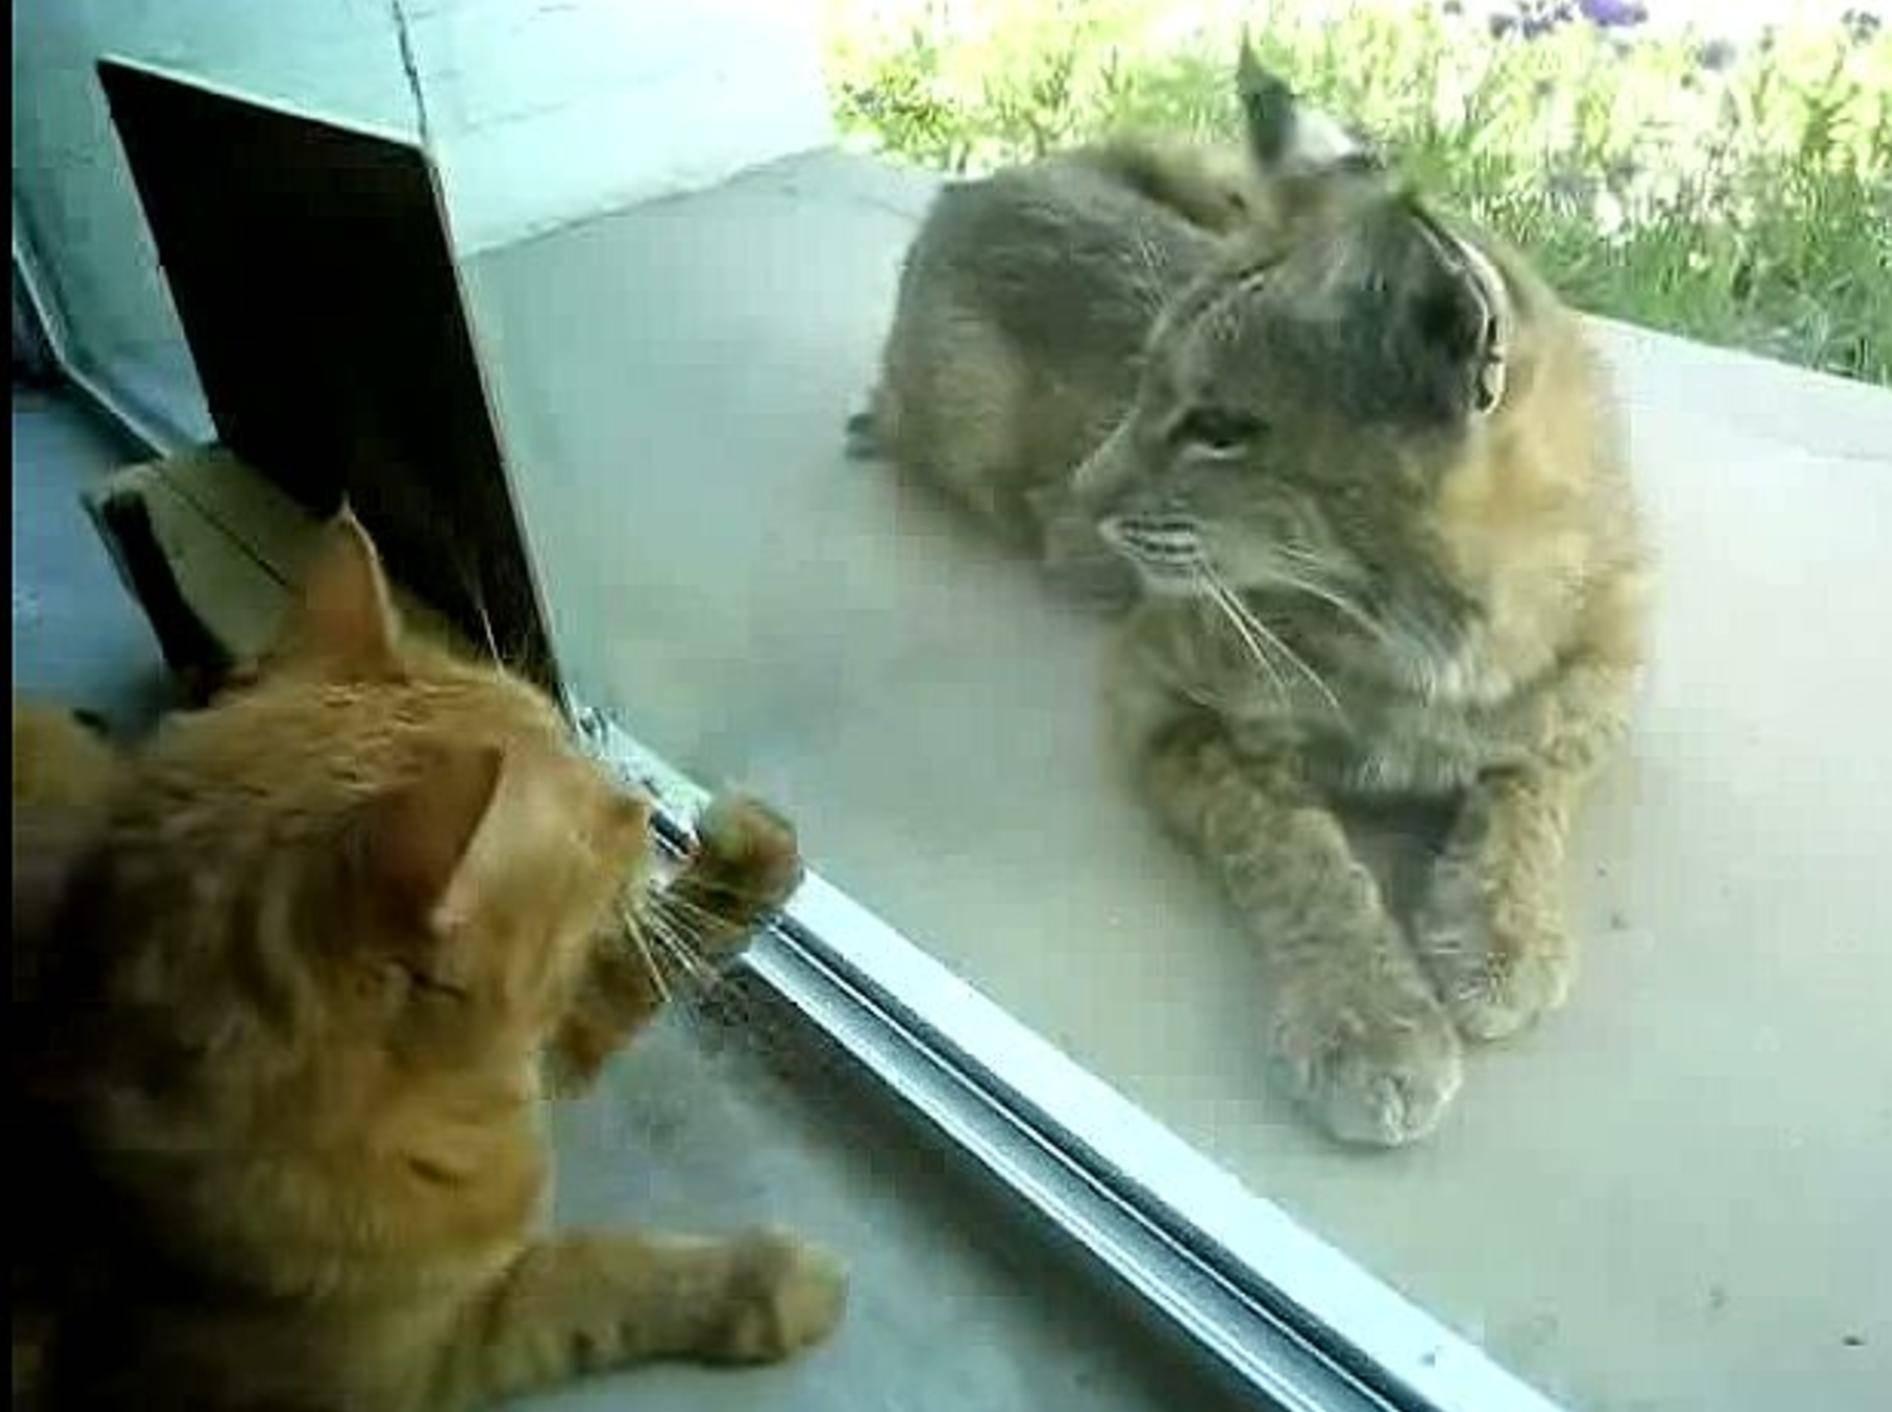 Seltene Begegnung: Stubentiger trifft Wildkatze – Bild: Youtube / inazicuc